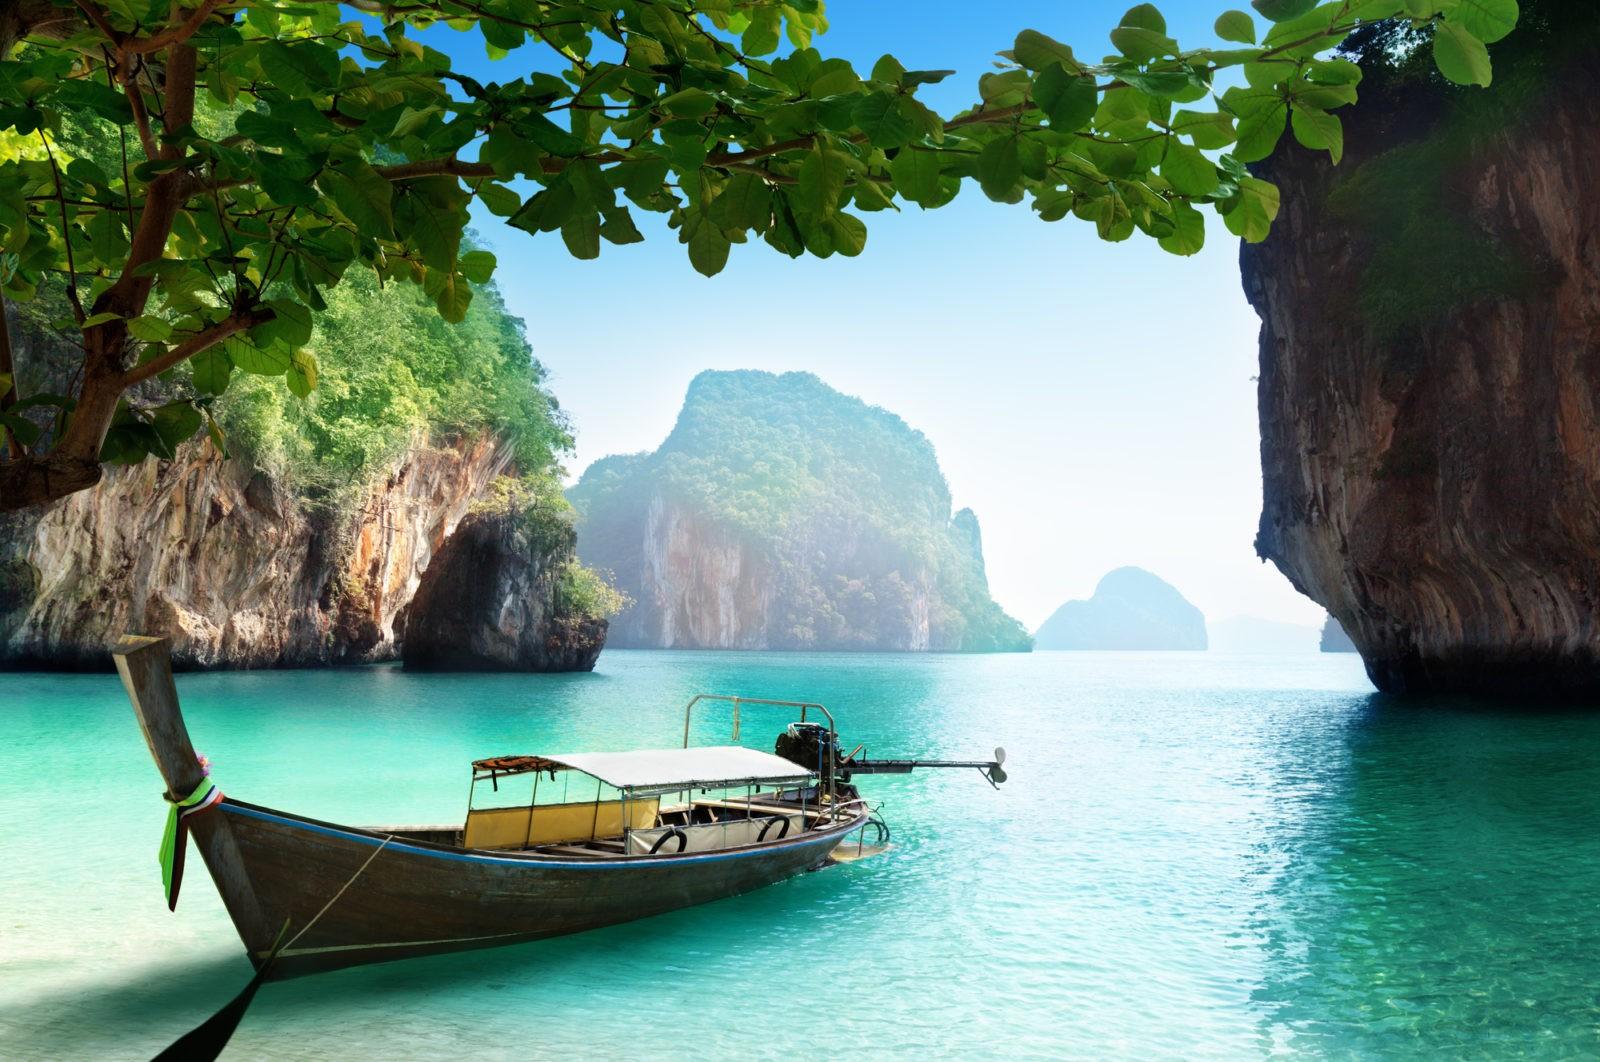 Въездных карточек больше не будет – попасть в Таиланд станет еще проще!